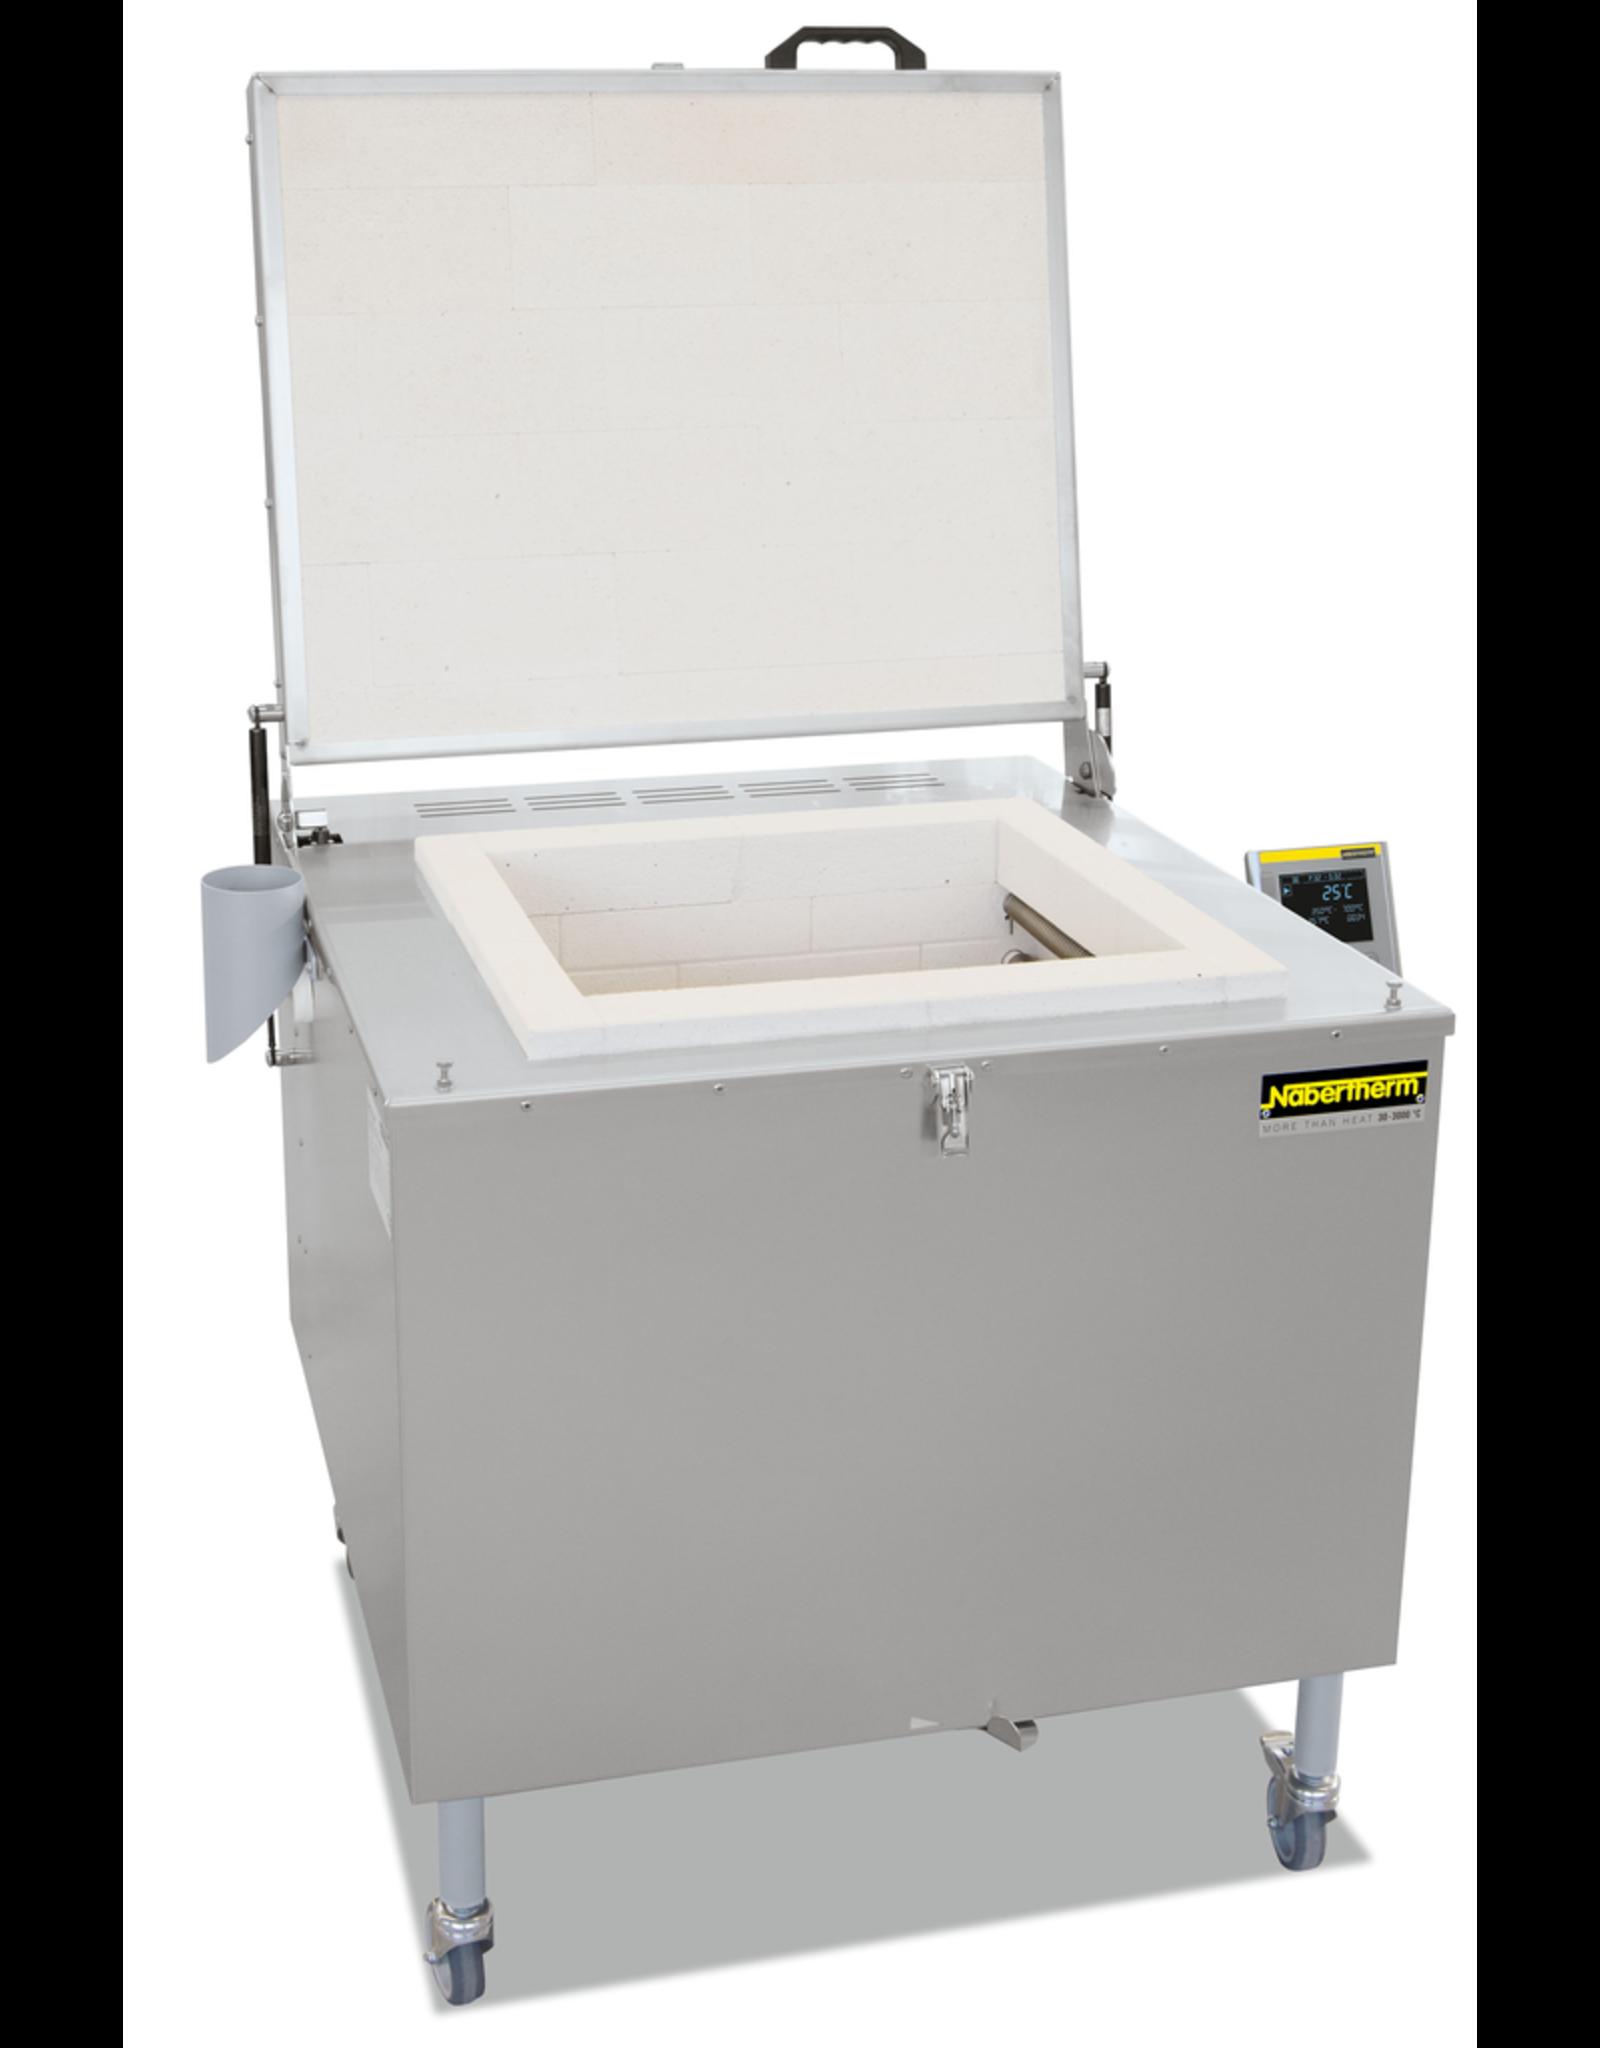 Nabertherm 70Lt top loading kiln 1320˚c max.